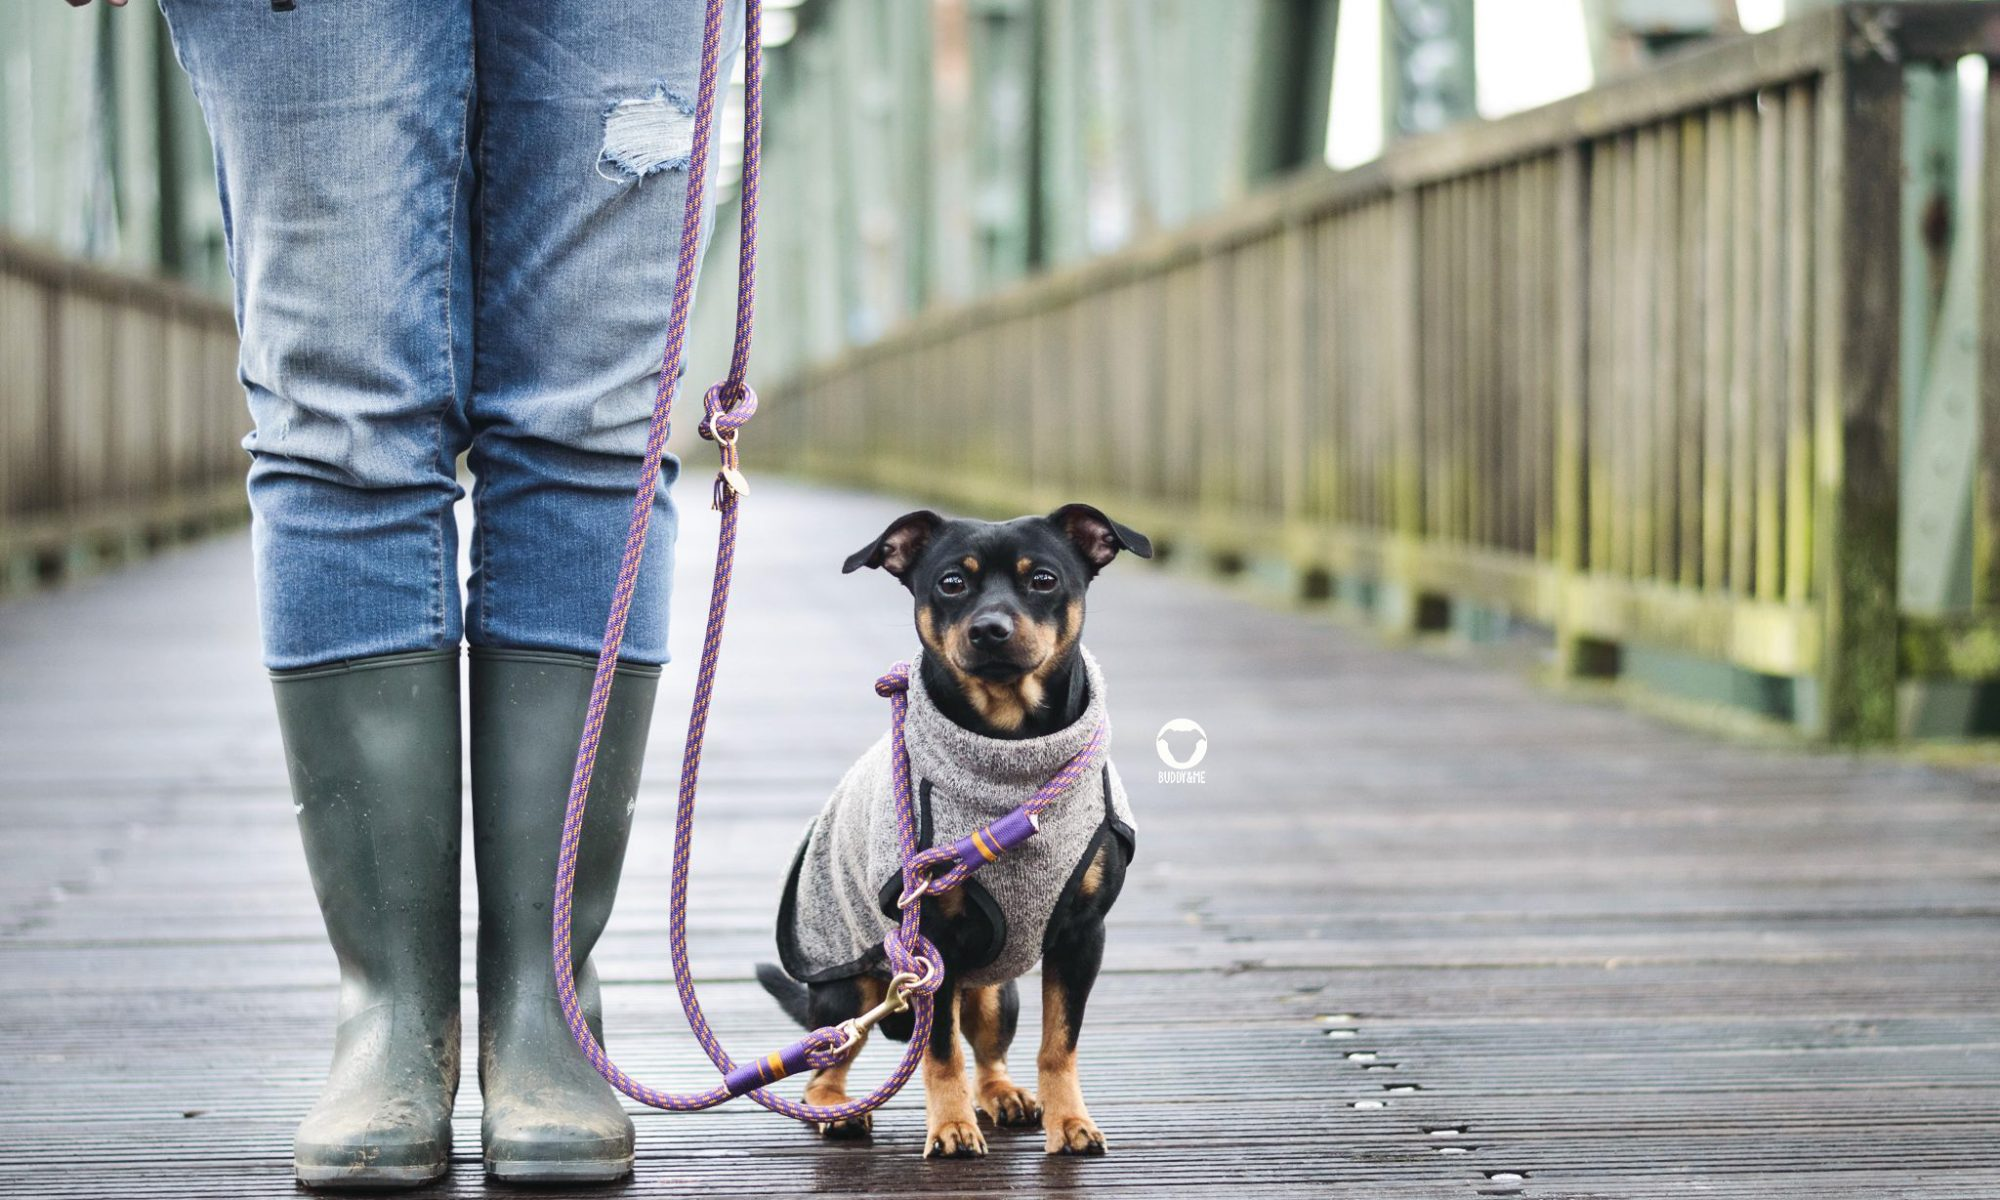 Pinscher Buddy, Buddy and Me, Hundeblog, Dogblog, Produkt, Empfehlung, Tauwerk, Tauleine, Retrieverleine, Kuckuckshund, handgemacht, Frühling, lila, gelb